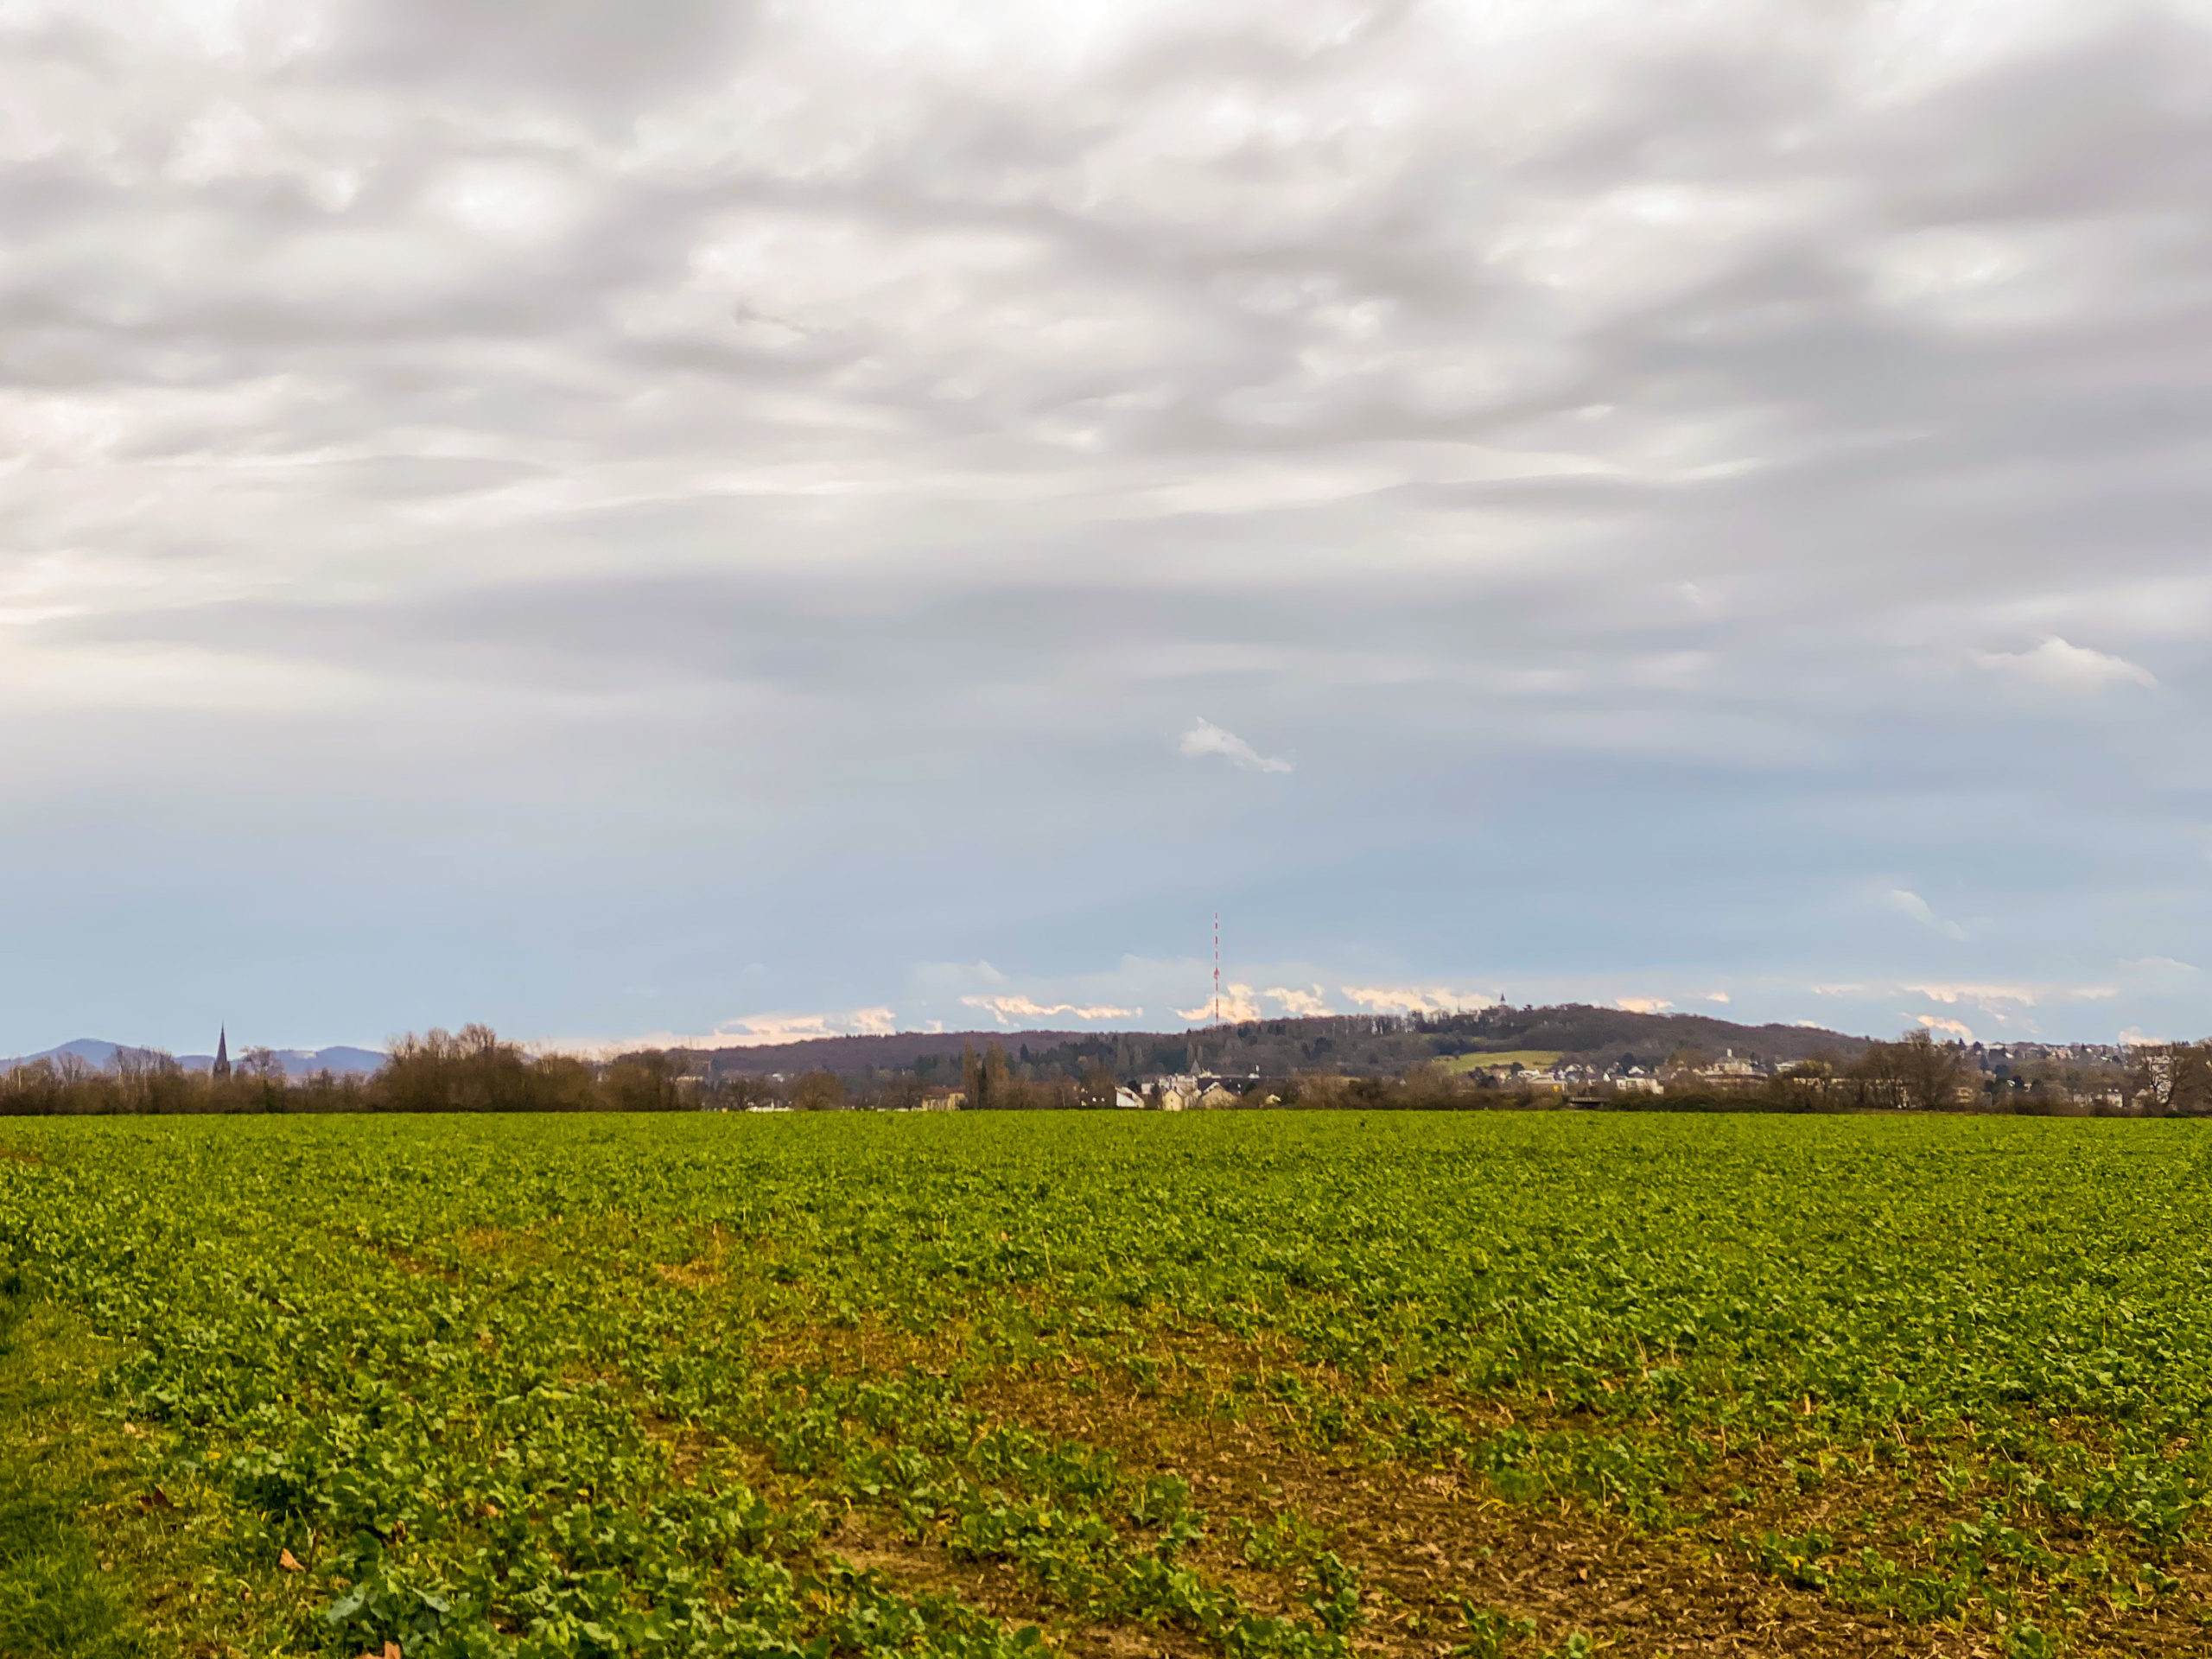 Braun-grünes Feld im Vordergrund, am Horizont Hügel, darüber ein grau-blauer Himmel mit vielen Wolken.